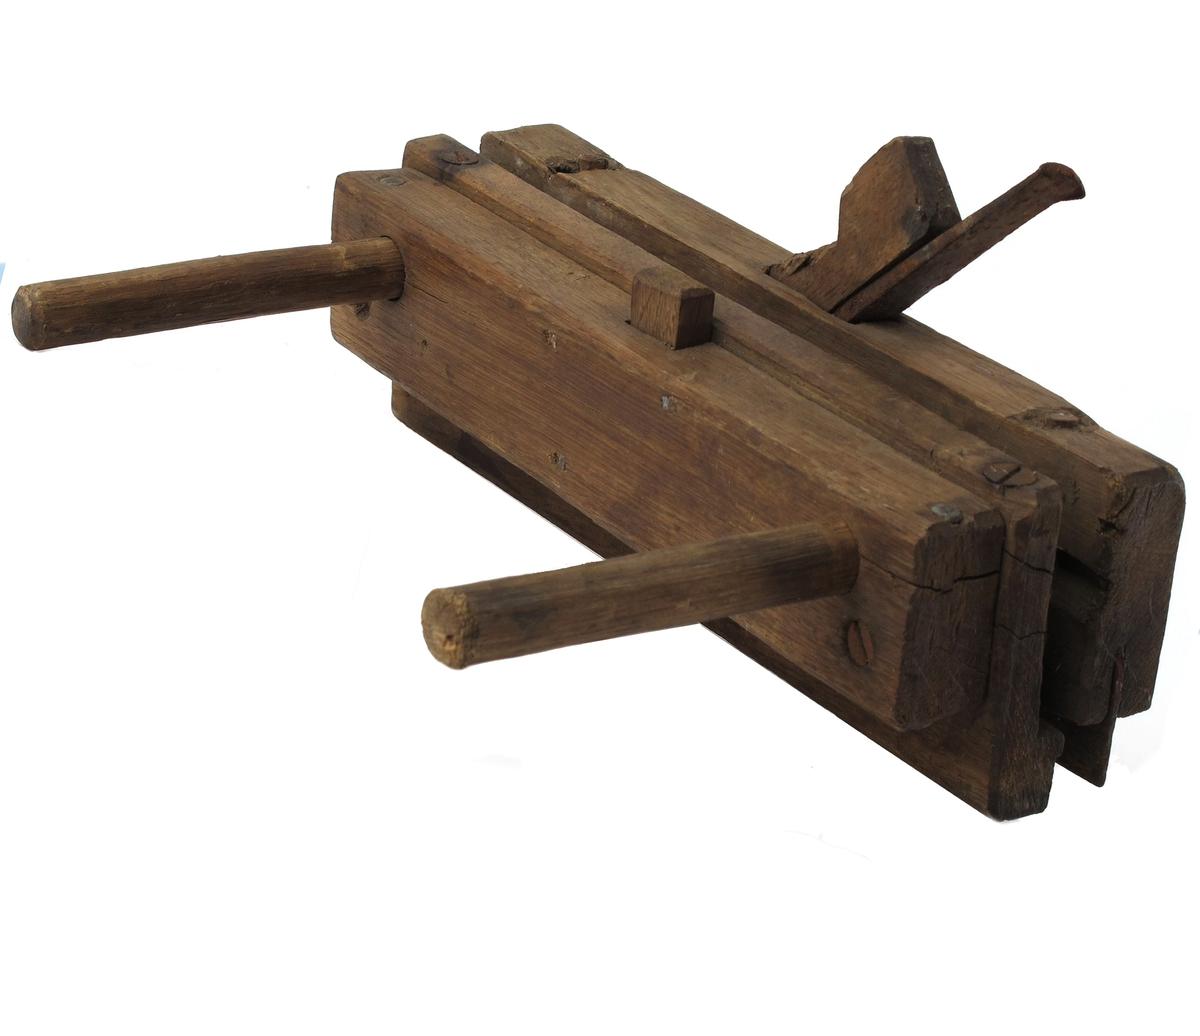 Nodhøvel av eik, umalt. Stillbar ved hjelp av 2 gjennomgående runde  trespiler. Meget smalt   jern  m. uleselig fabrikkstempel. Plugg eik. Banejern.   Høvelen har ikke håndtak.   Tilstand okt. 1960: Bane og høveljern rustet.